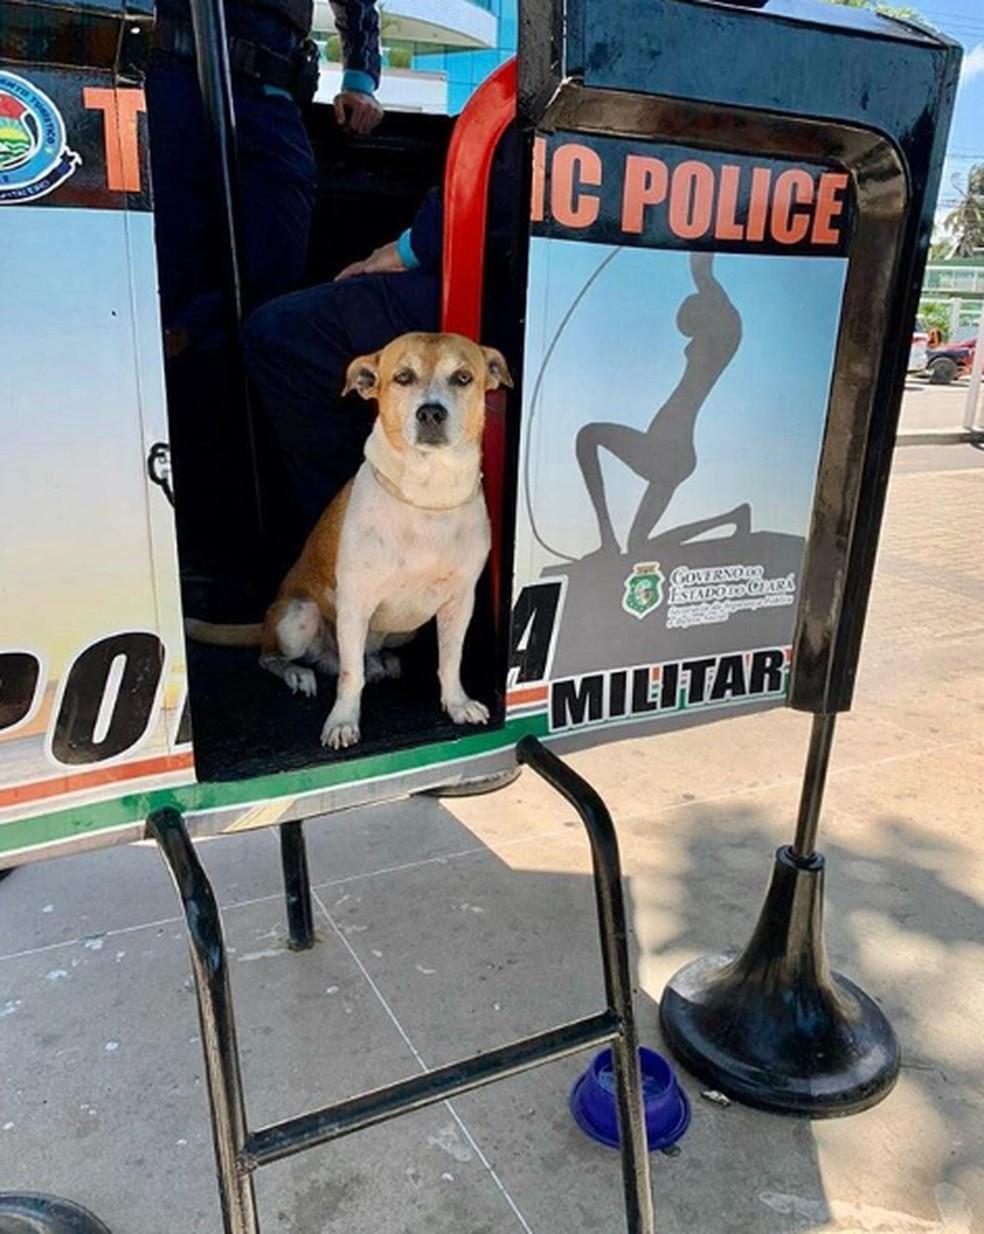 Major passa o dia com os policiais e até participa de ações e abordagens — Foto: Reprodução